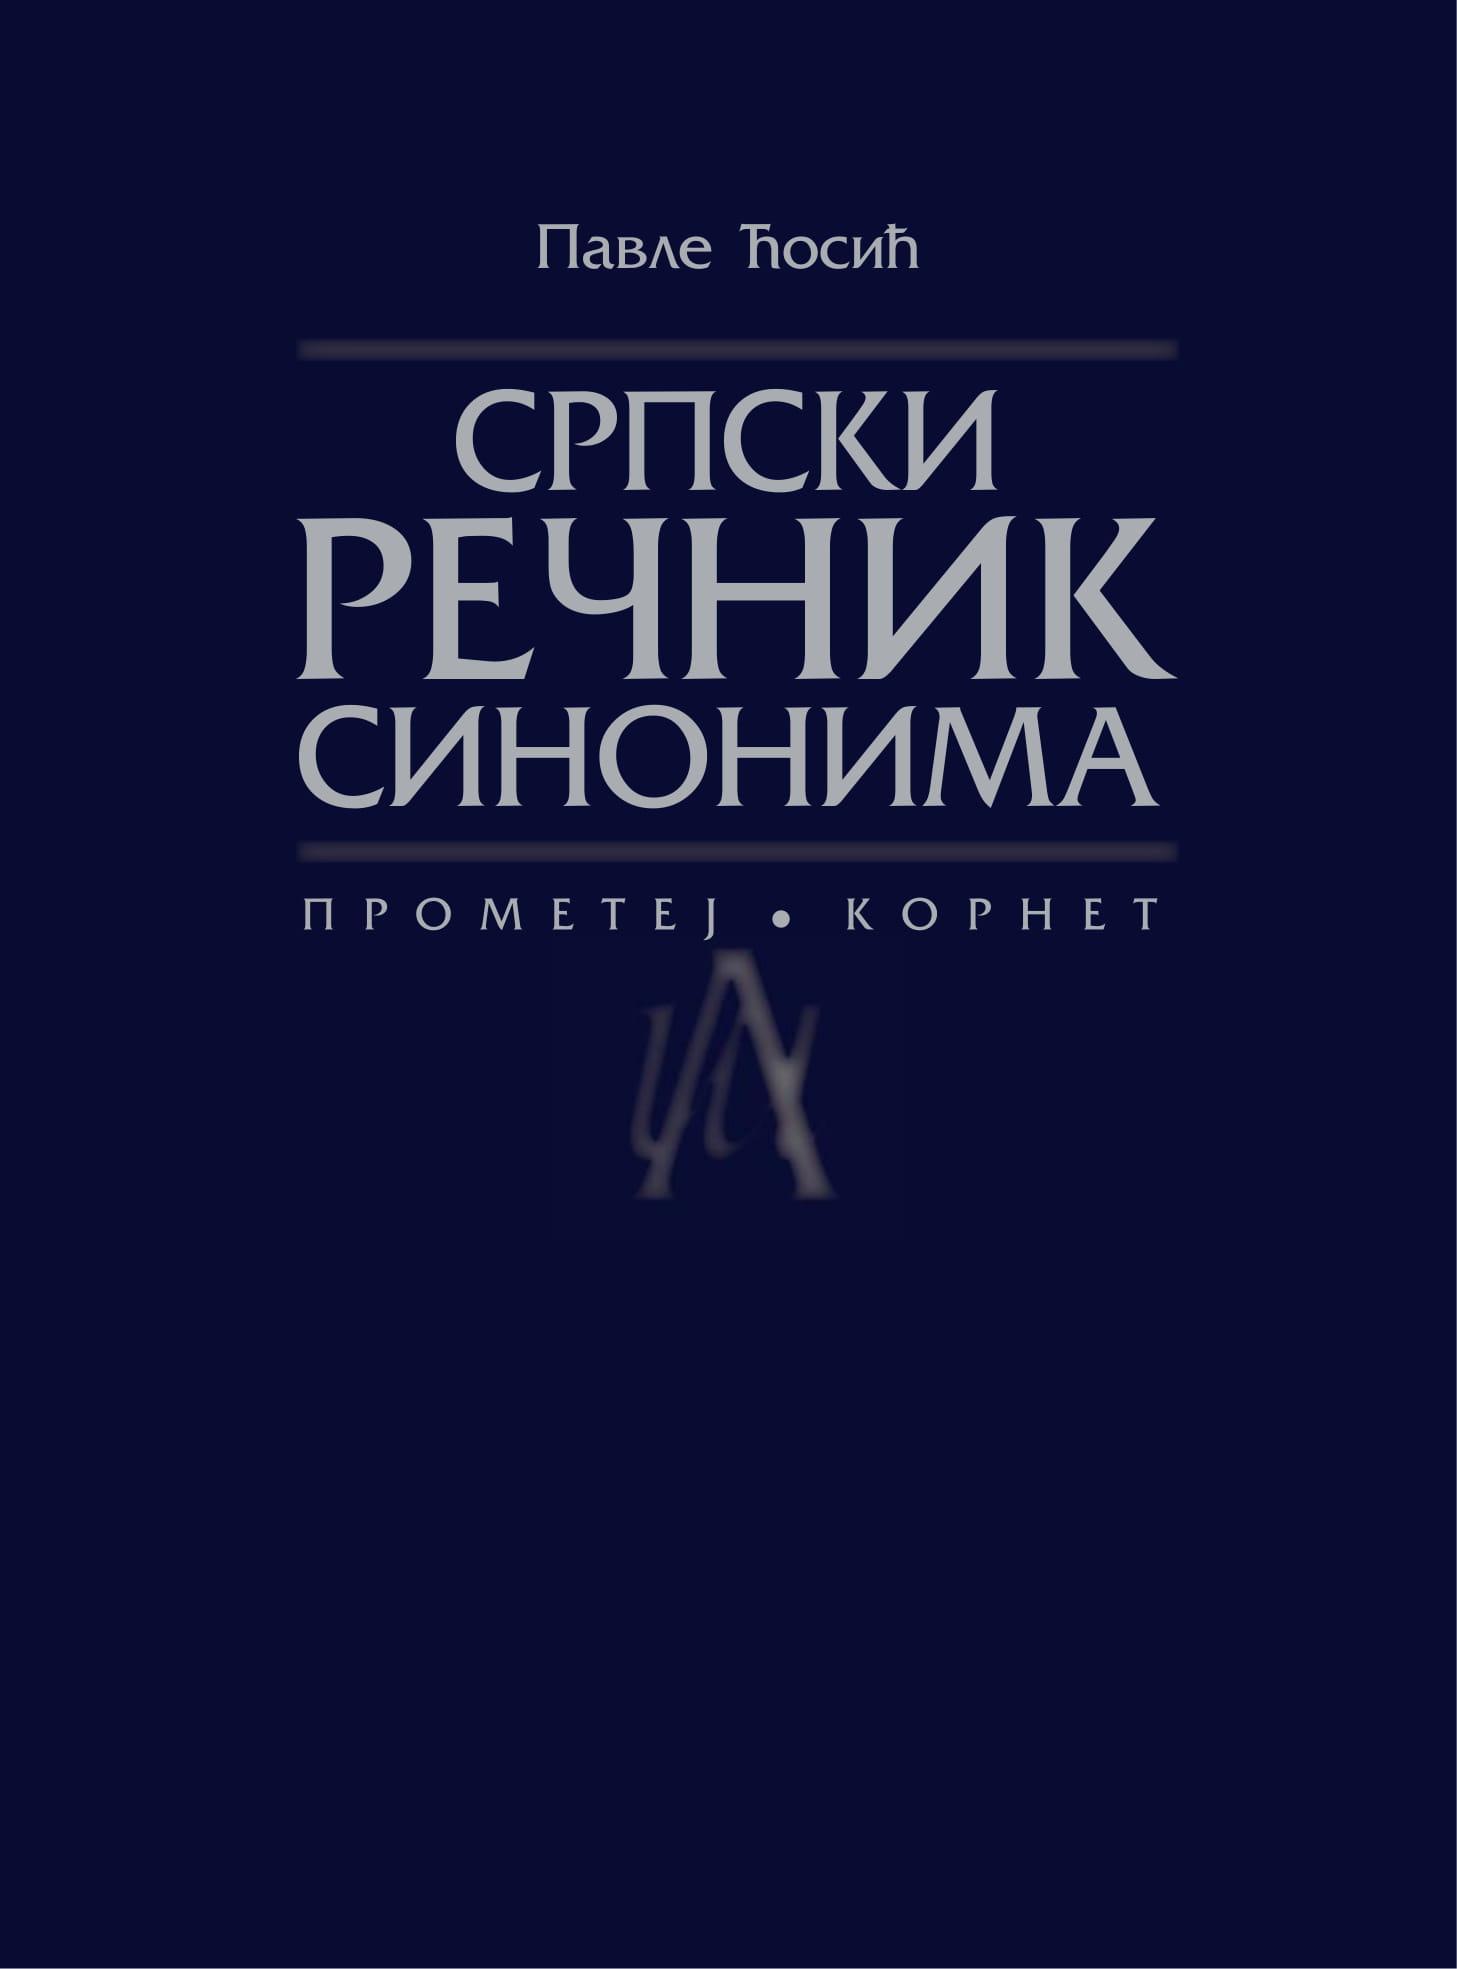 Српски речник синонима